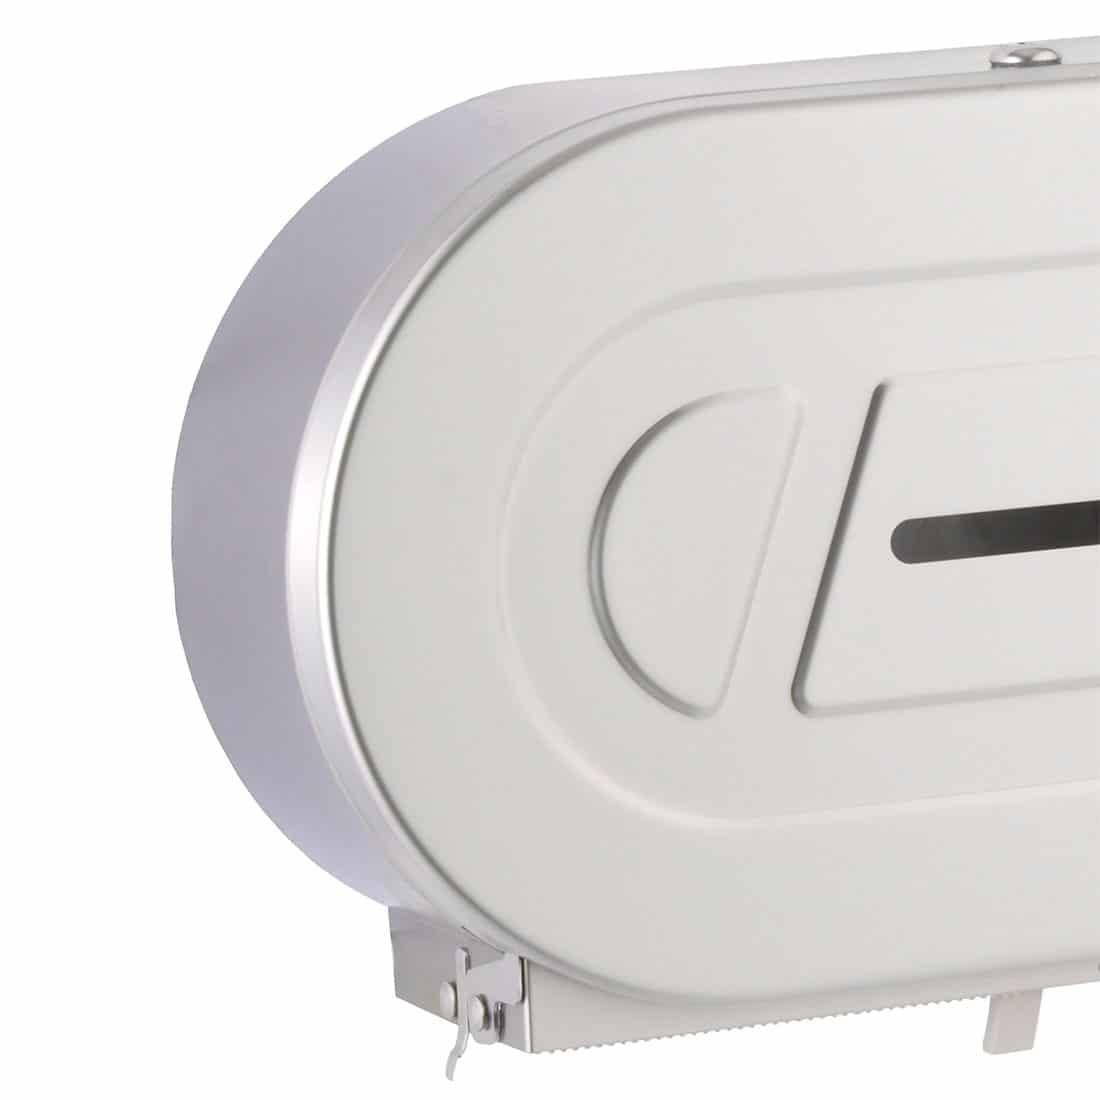 Bobrick Surface Jumbo Toilet Tissue Dispenser B 2892